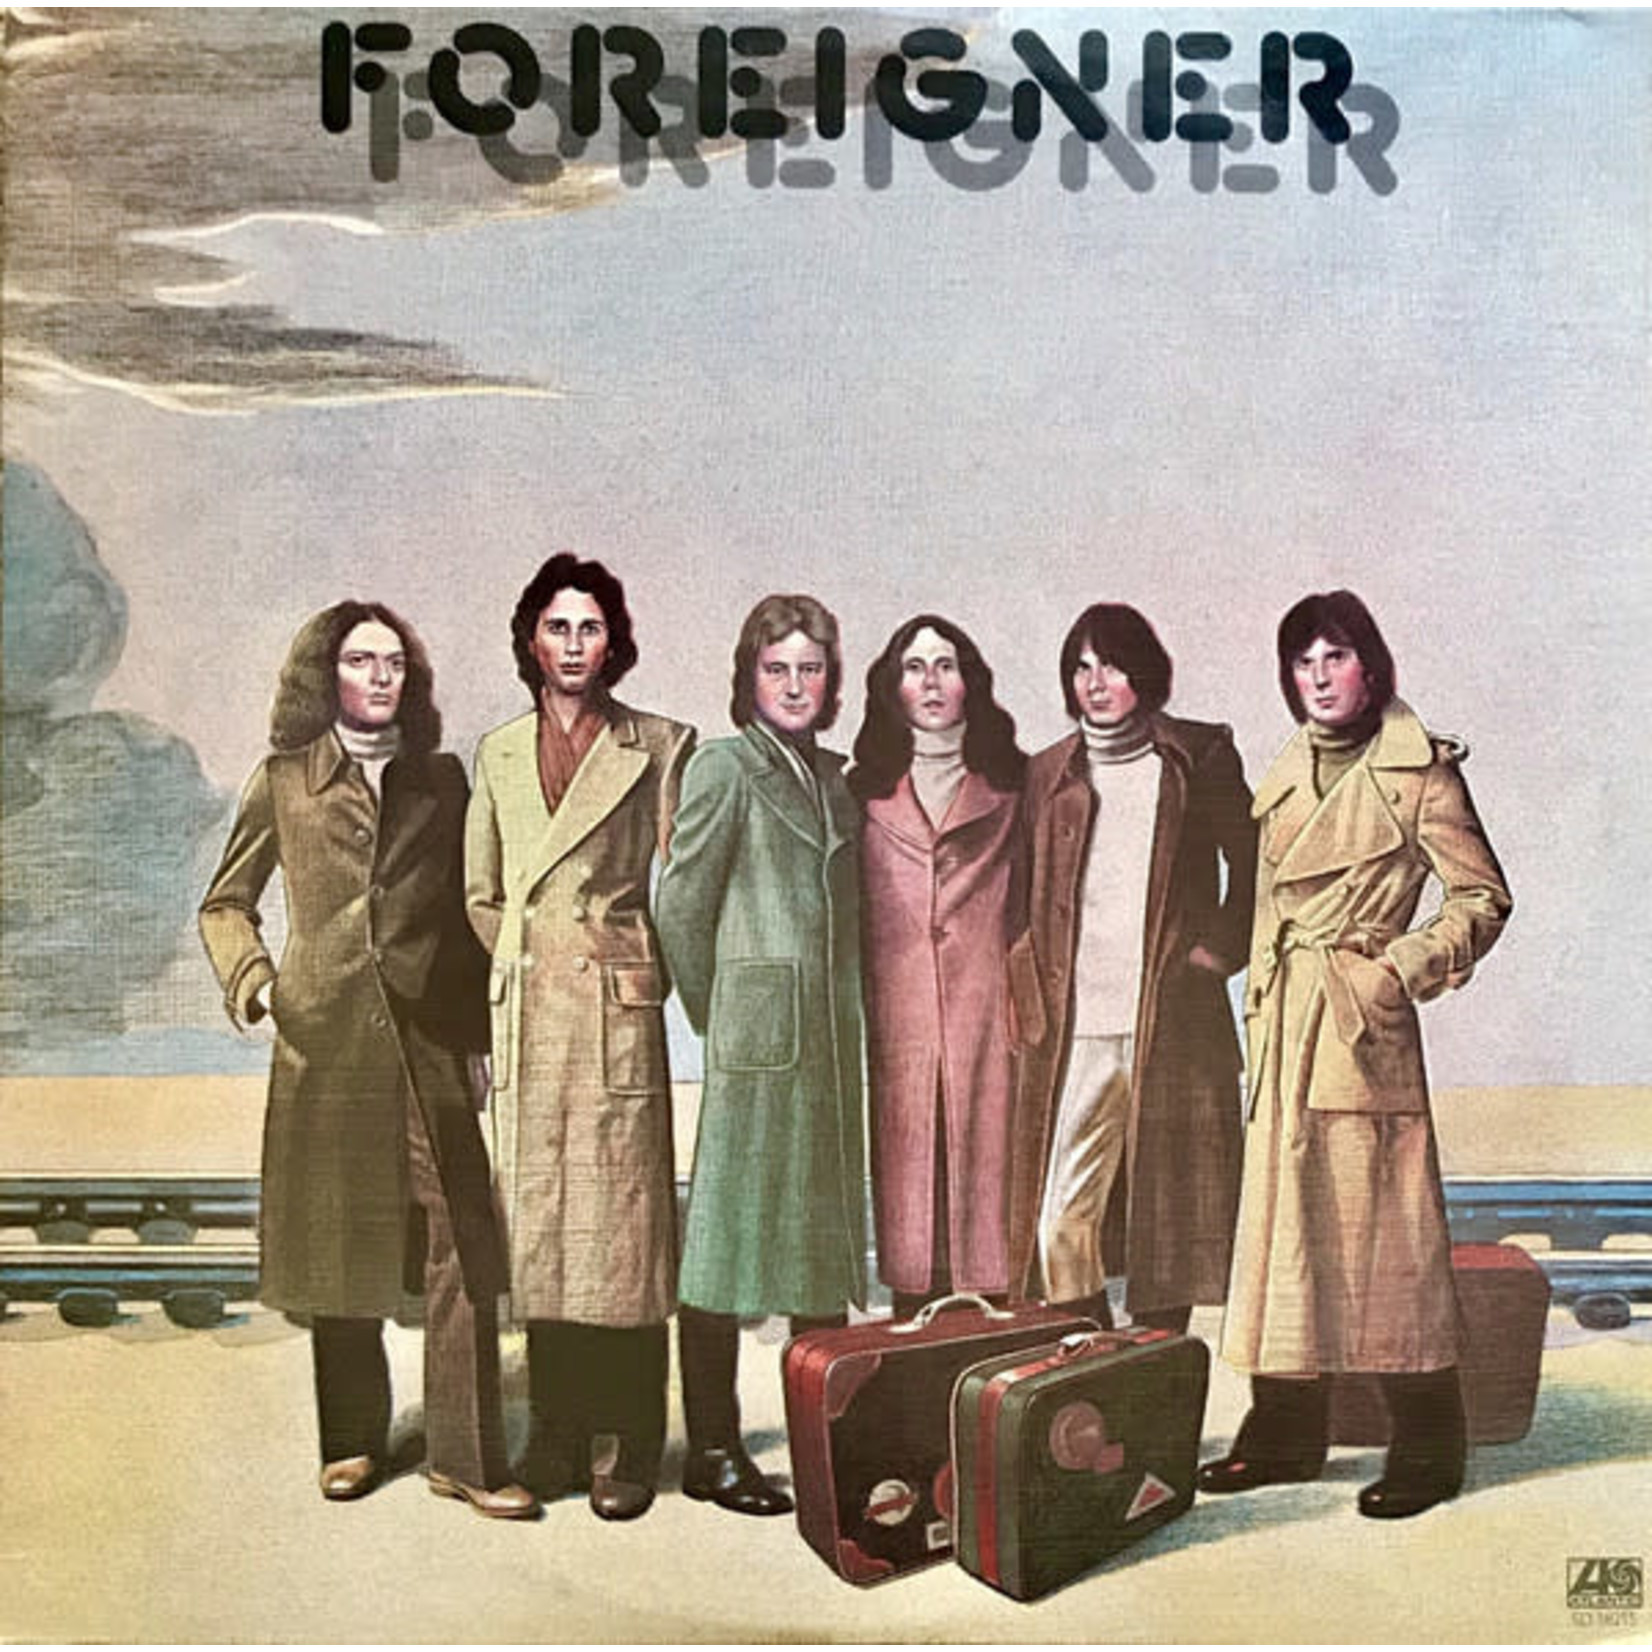 [Vintage] Foreigner: self-titled